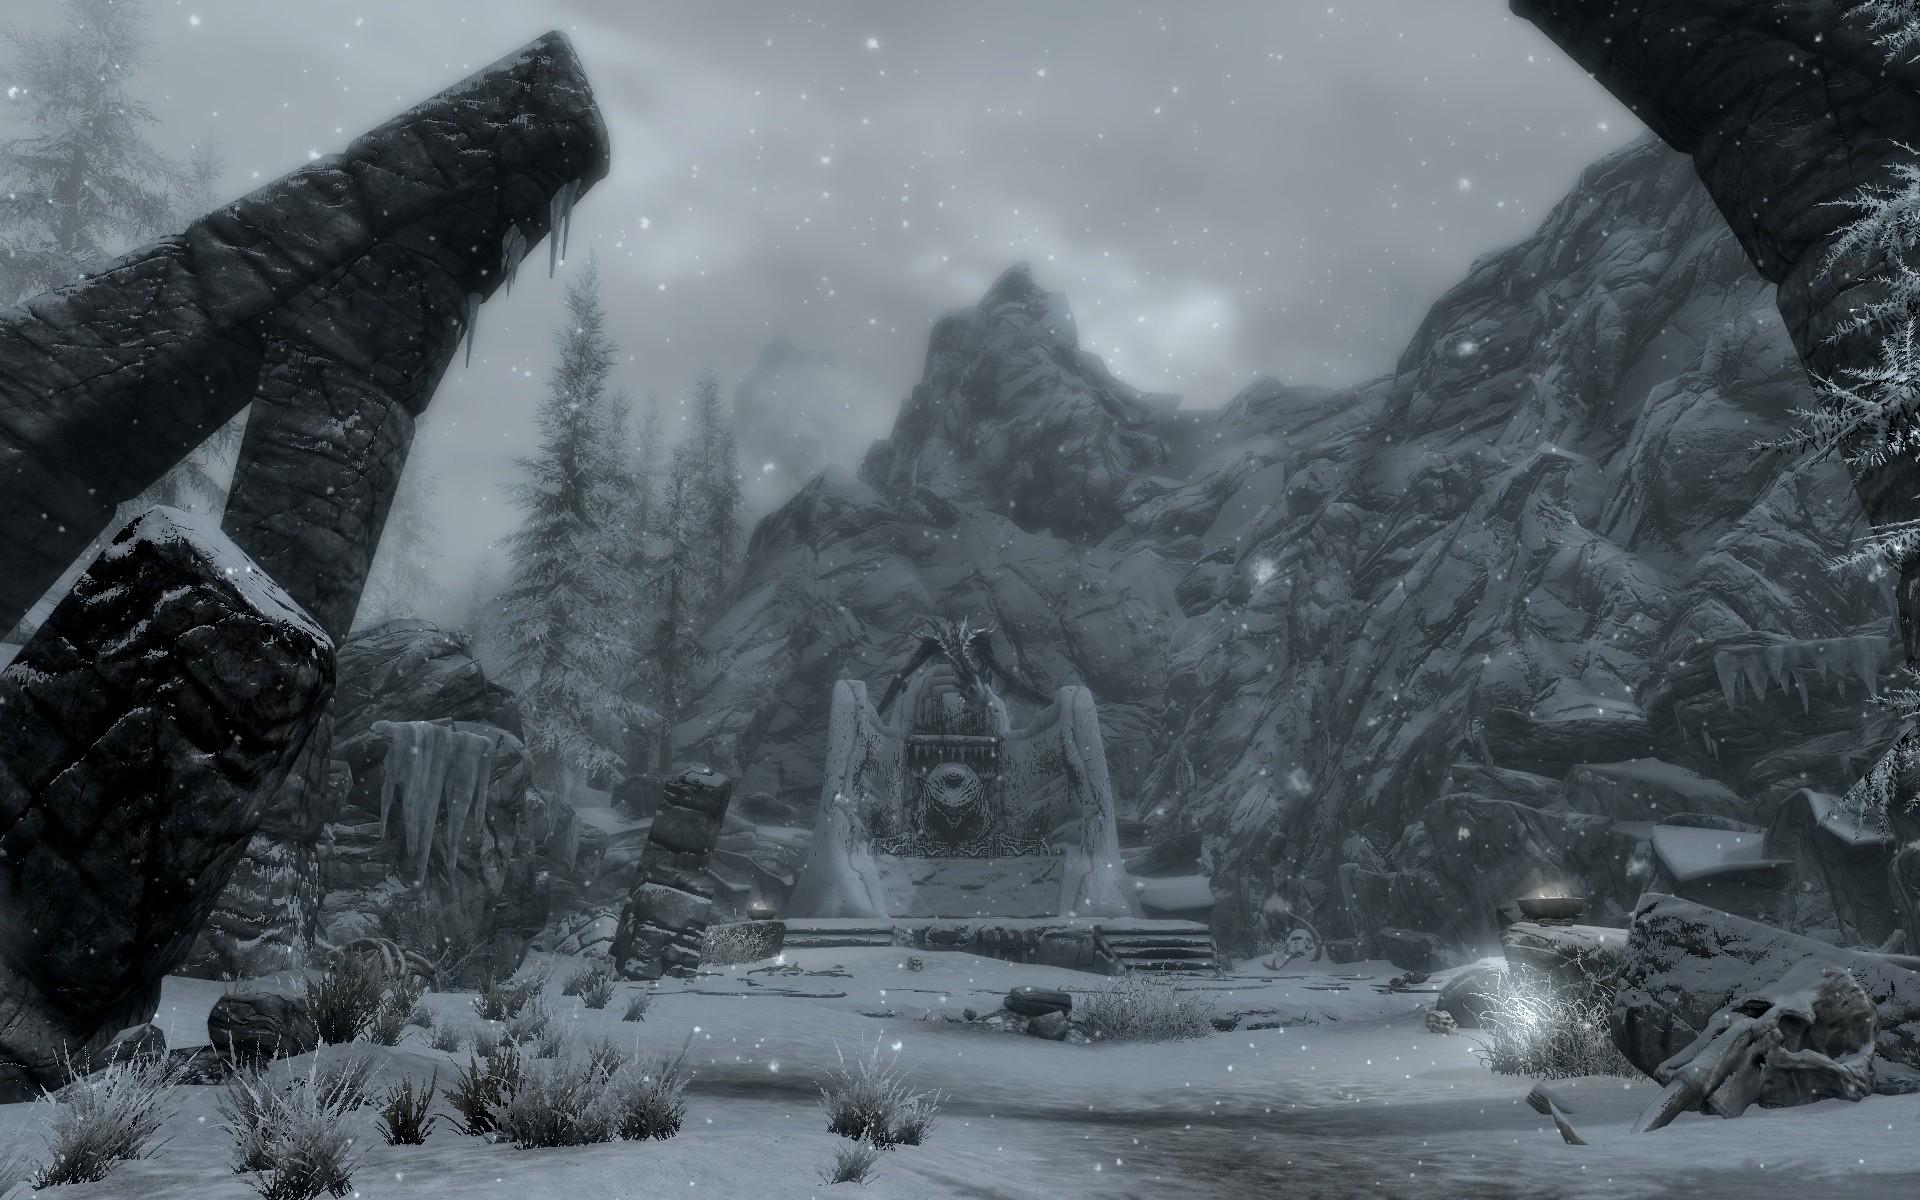 14543660246_62a1e78e6d_k.jpg - The Elder Scrolls 5: Skyrim